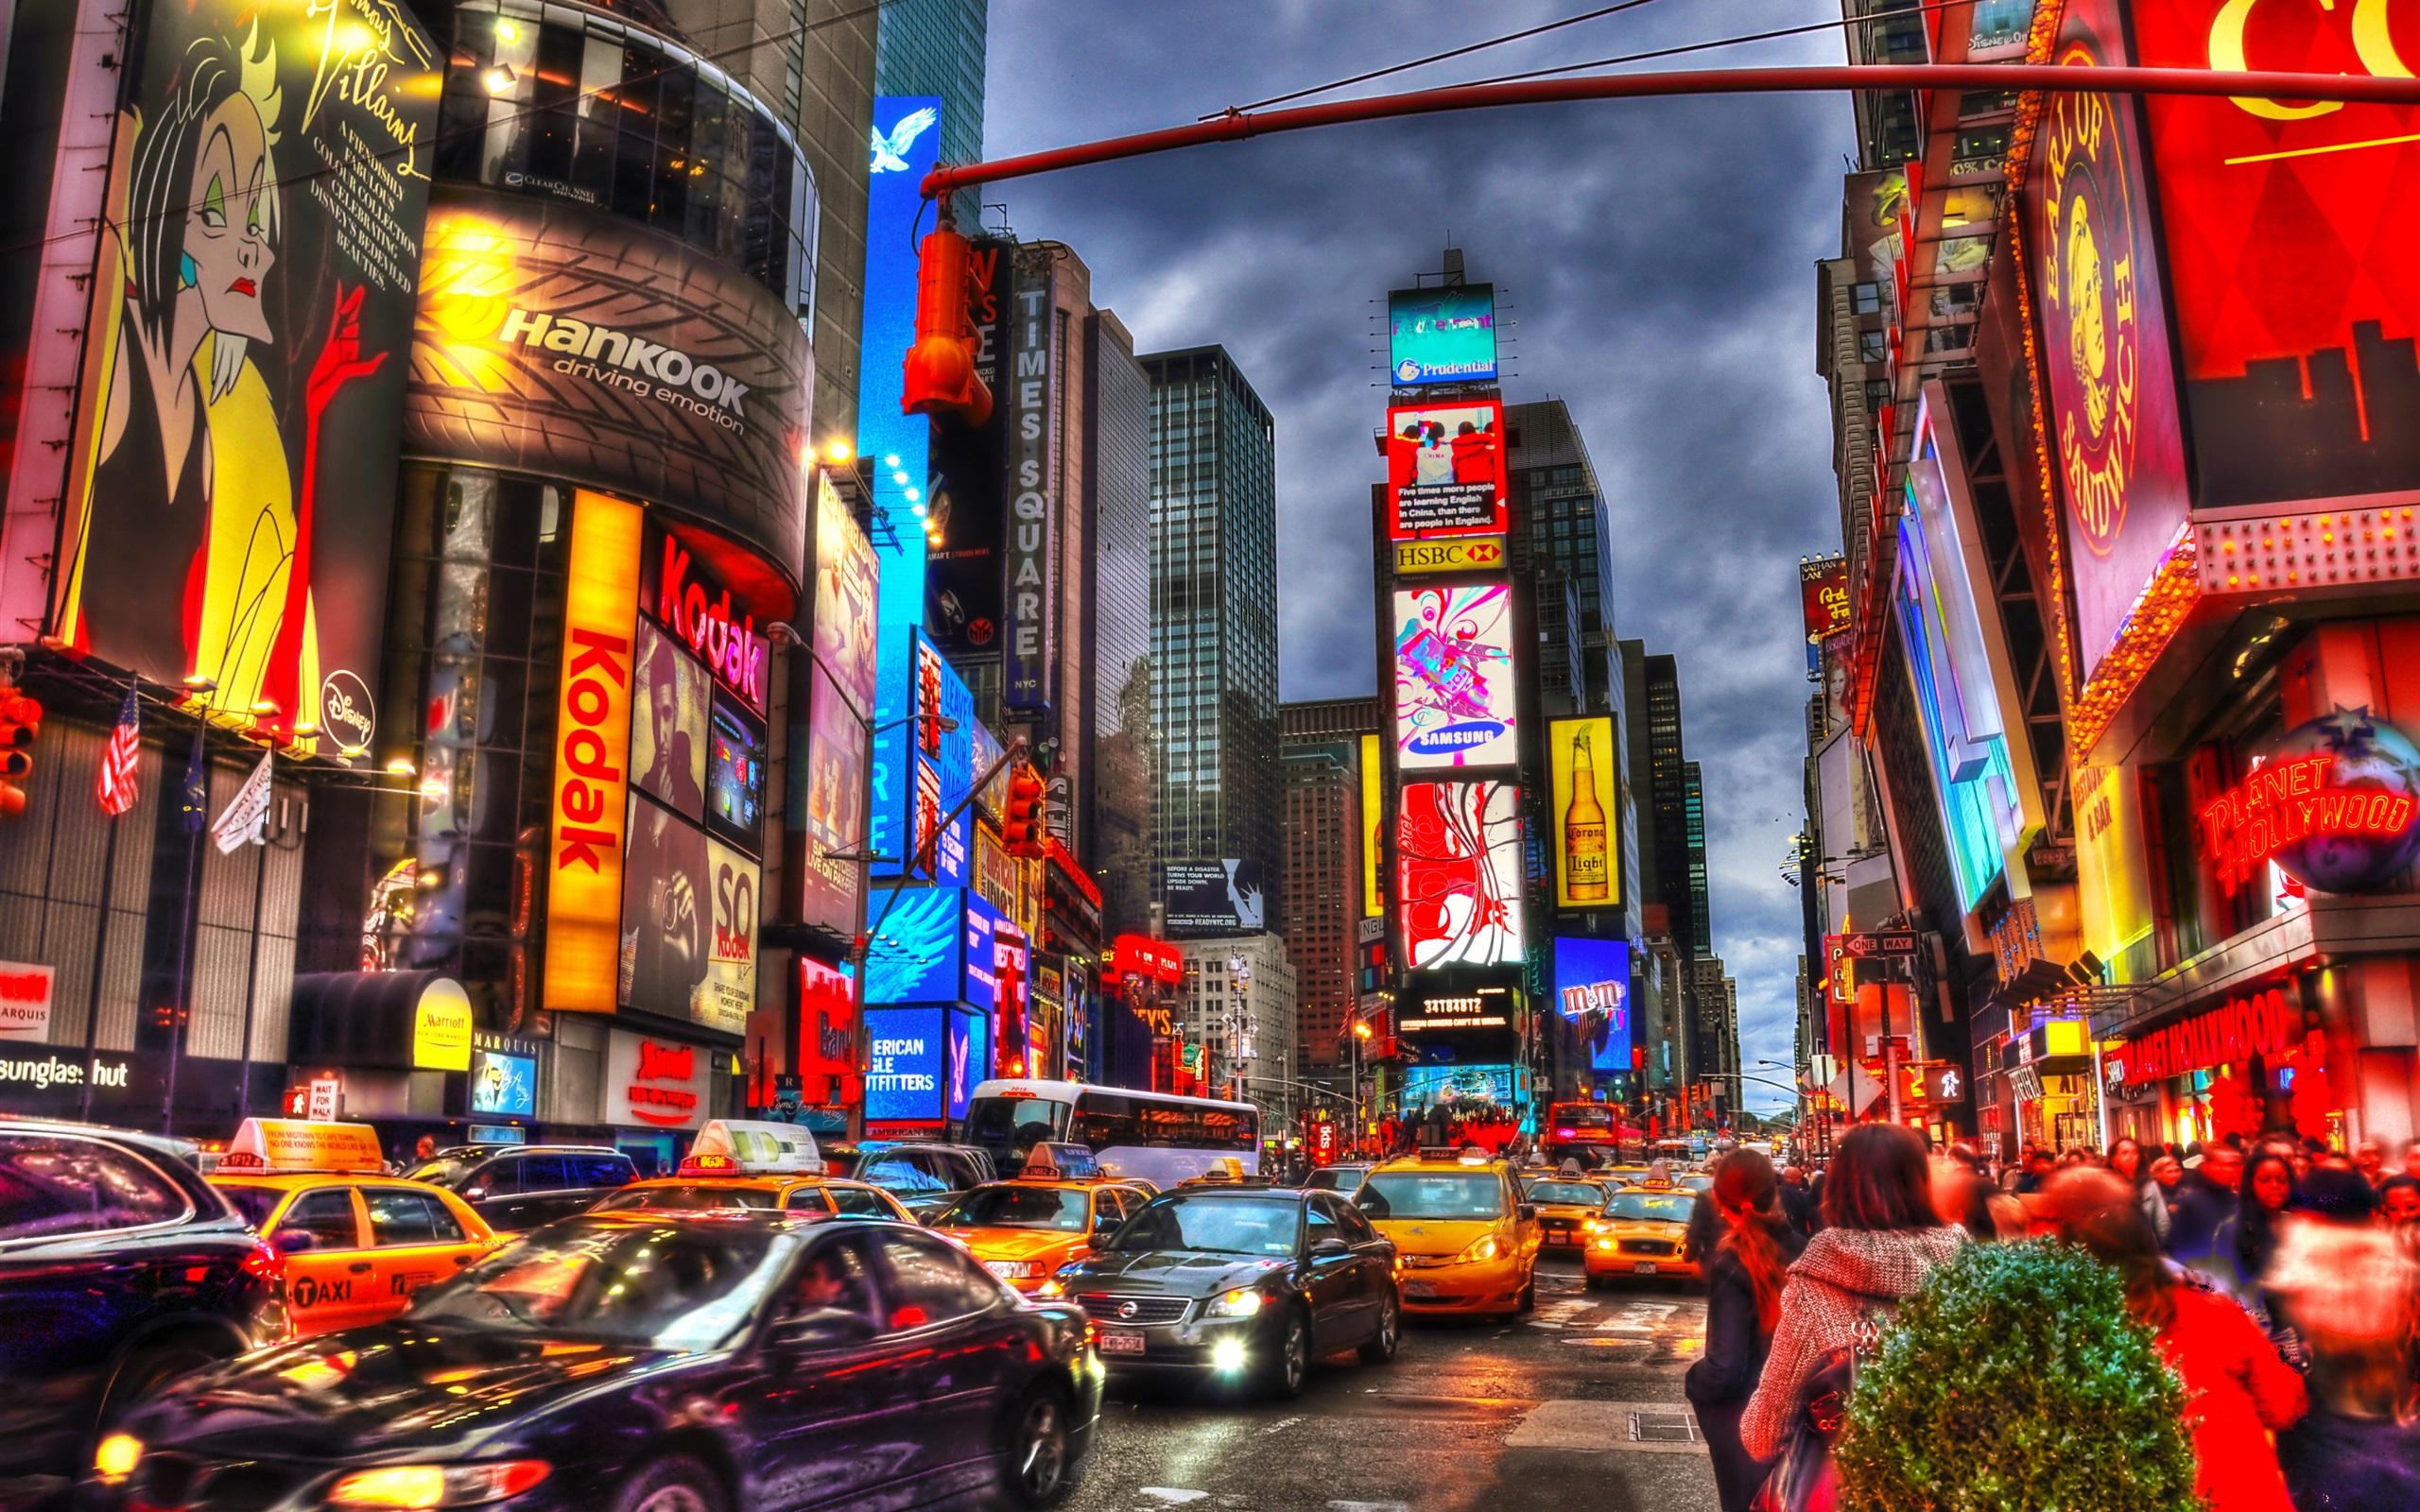 壁纸 纽约市时代广场,晚上,高楼林立,商铺,灯,汽车,人 3840x2160 UHD 4K 高清壁纸, 图片, 照片